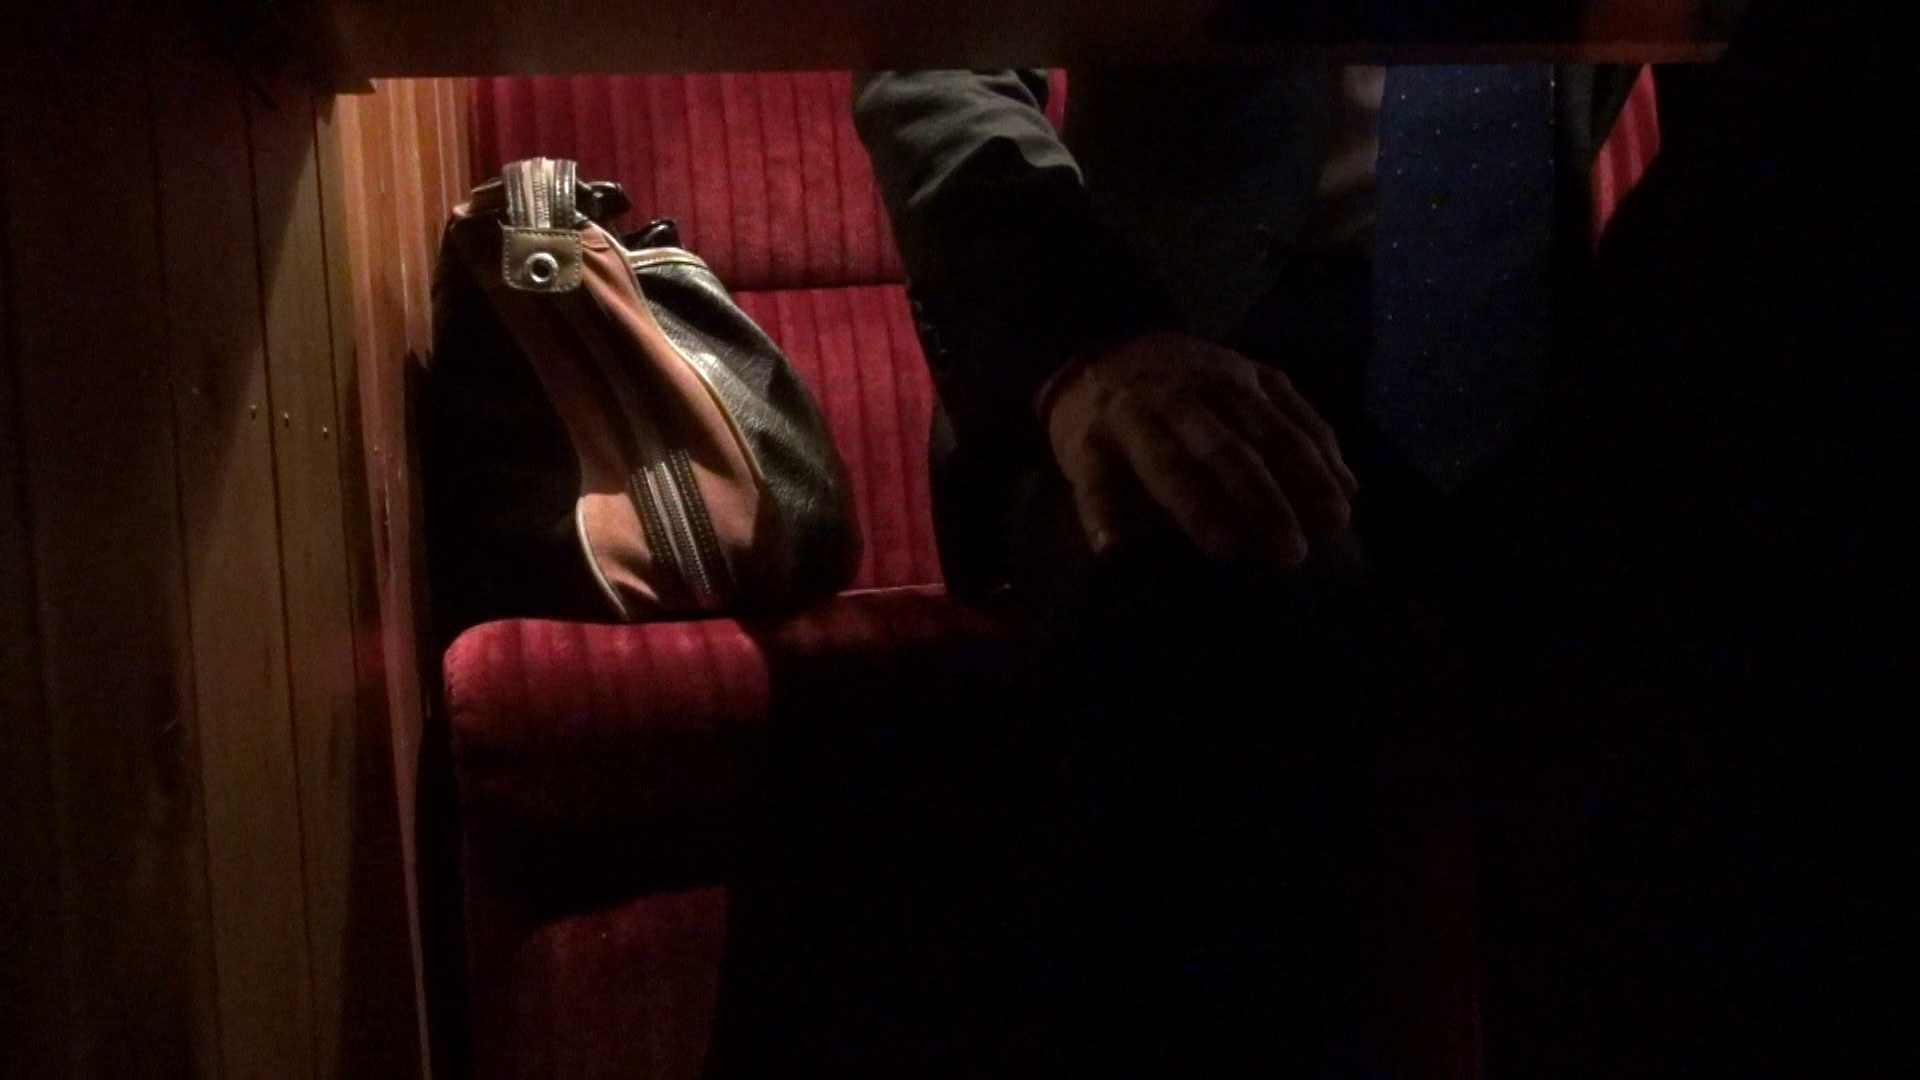 episode1 ヒロトさんと保険外交員との顔合わせ リアル・マンコ AV無料動画キャプチャ 71pic 13